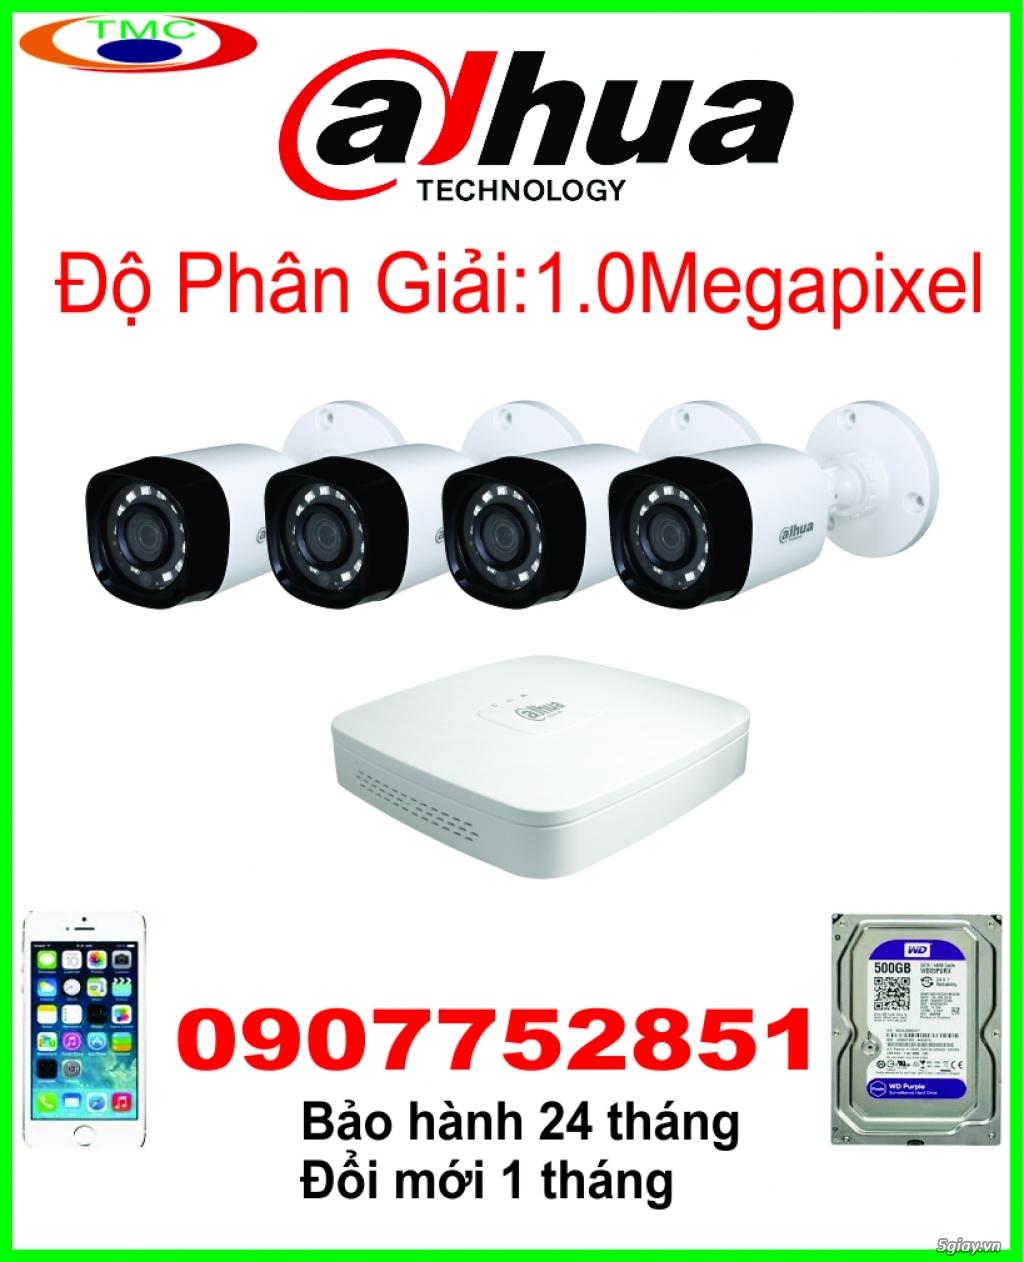 Bộ 4 camera quan sát chất lượng - uy tín - giá rẻ.